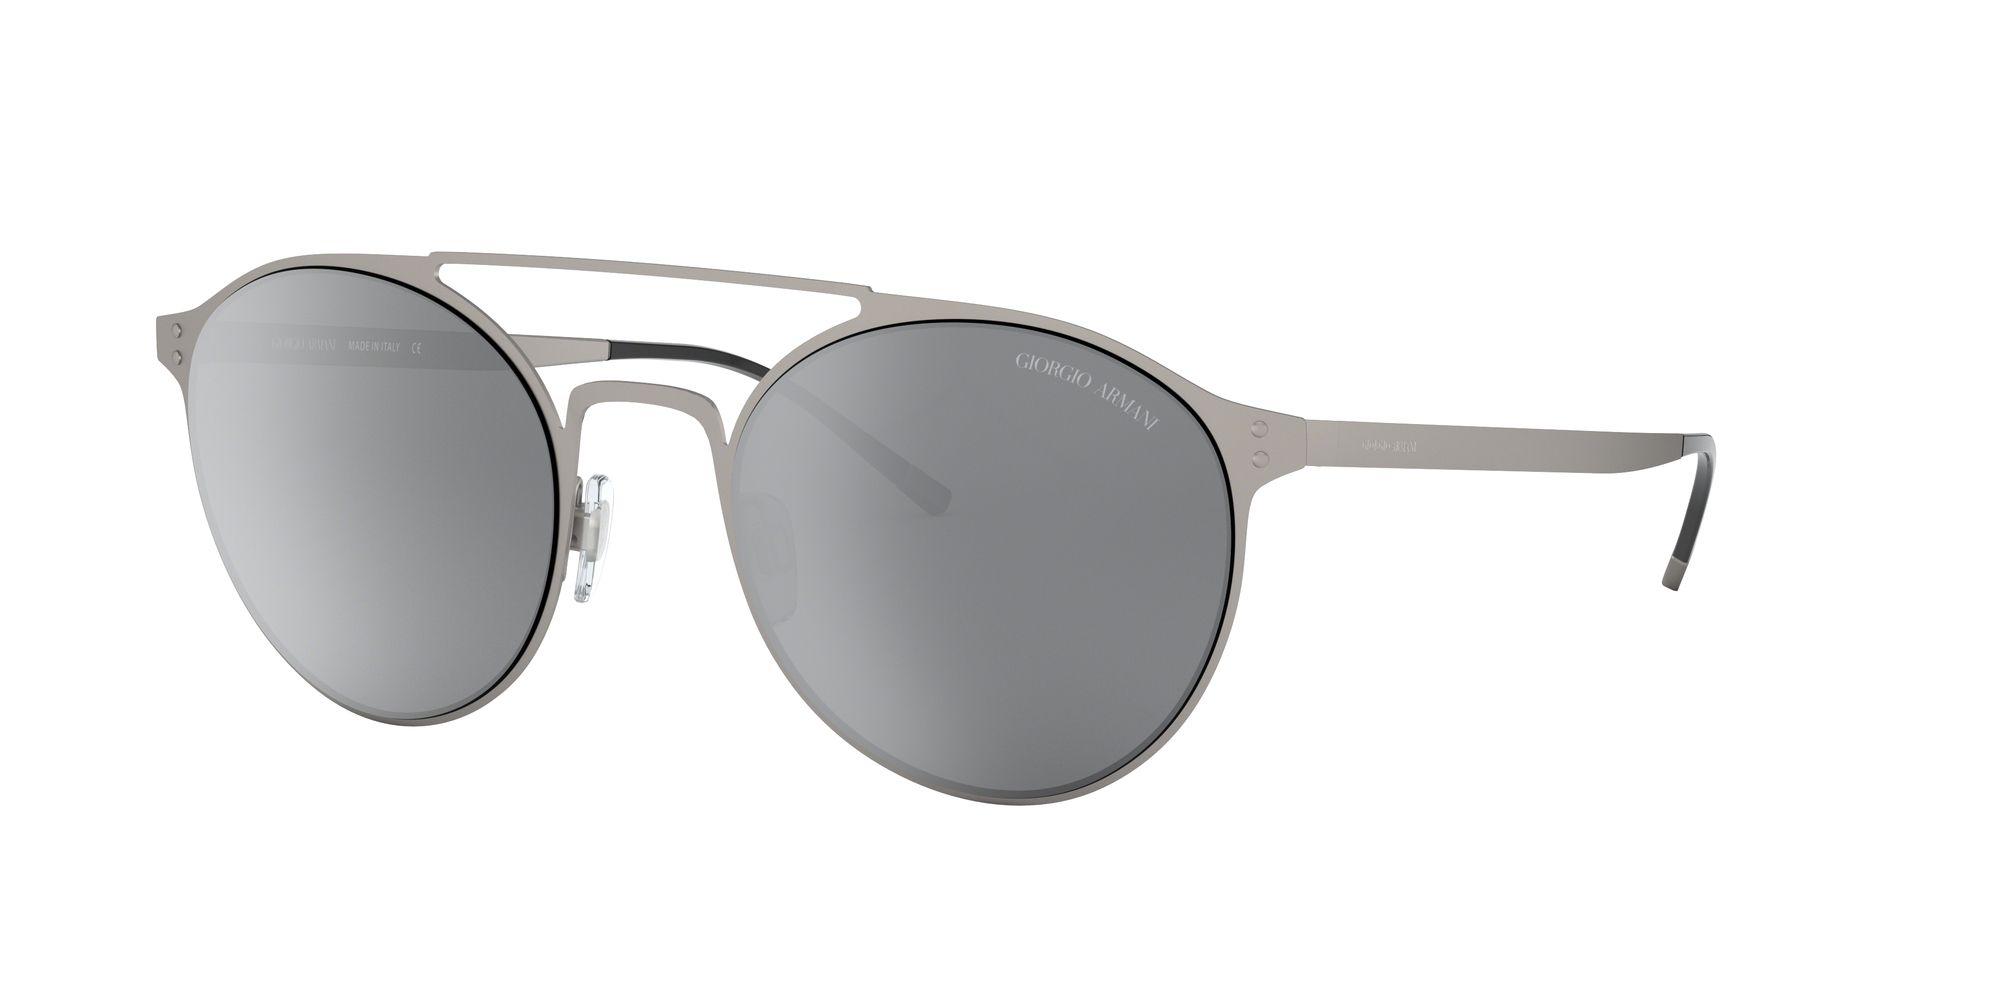 Giorgio Armani Giorgio Armani AR6089 Men's Phantos Sunglasses